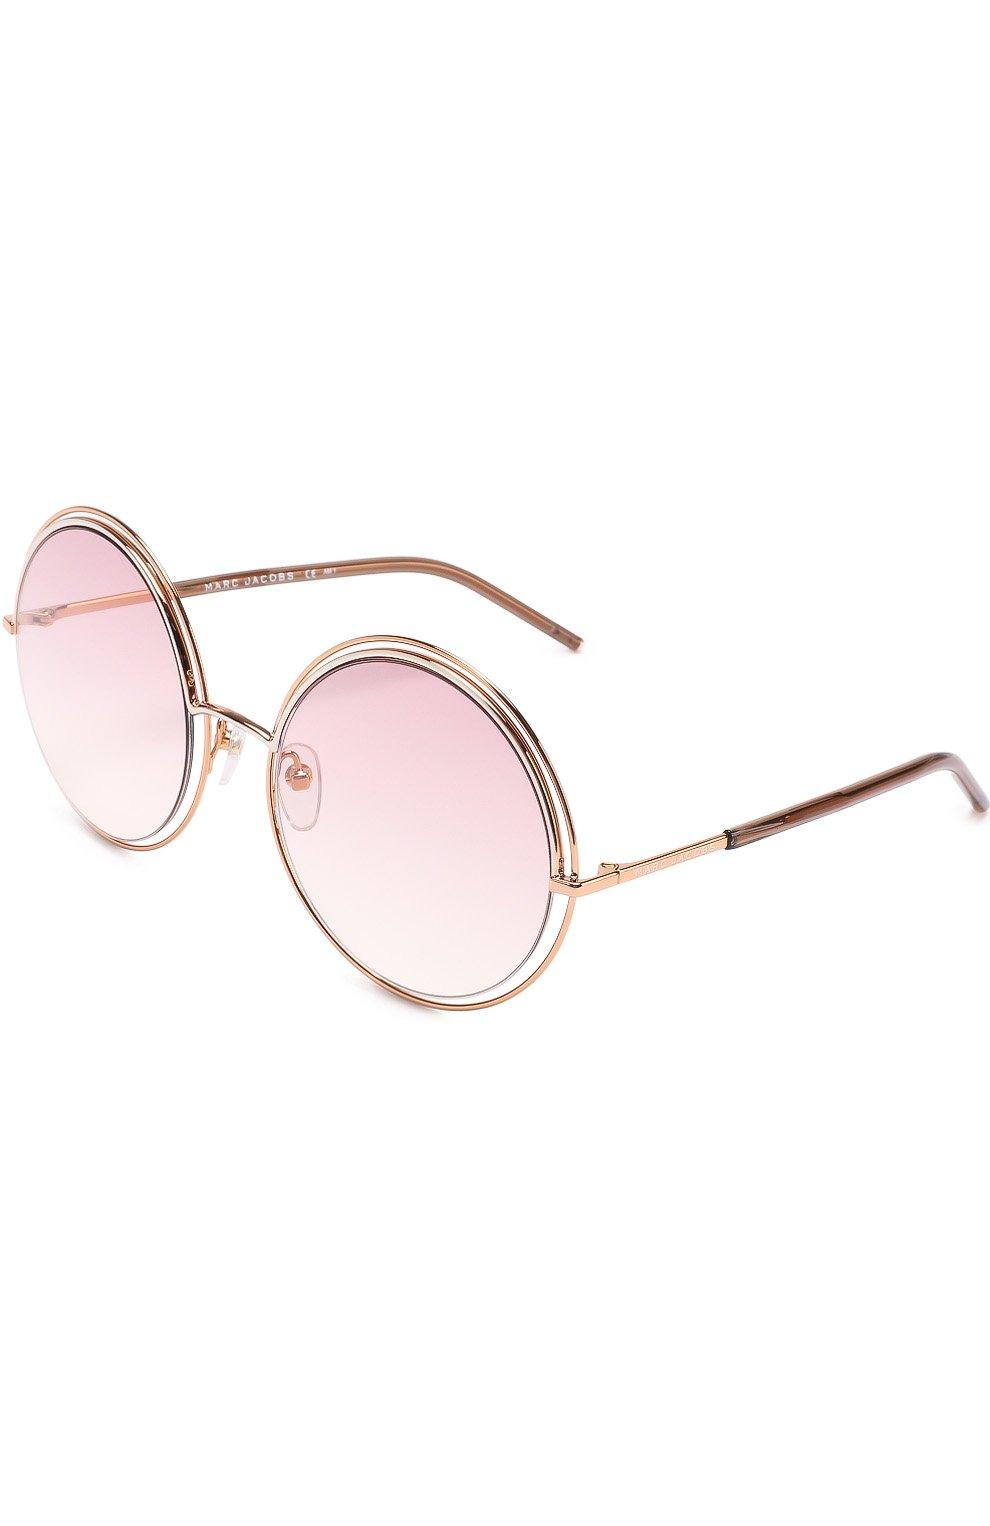 Женские солнцезащитные очки MARC JACOBS (THE) золотого цвета, арт. MARC 11 TXA | Фото 1